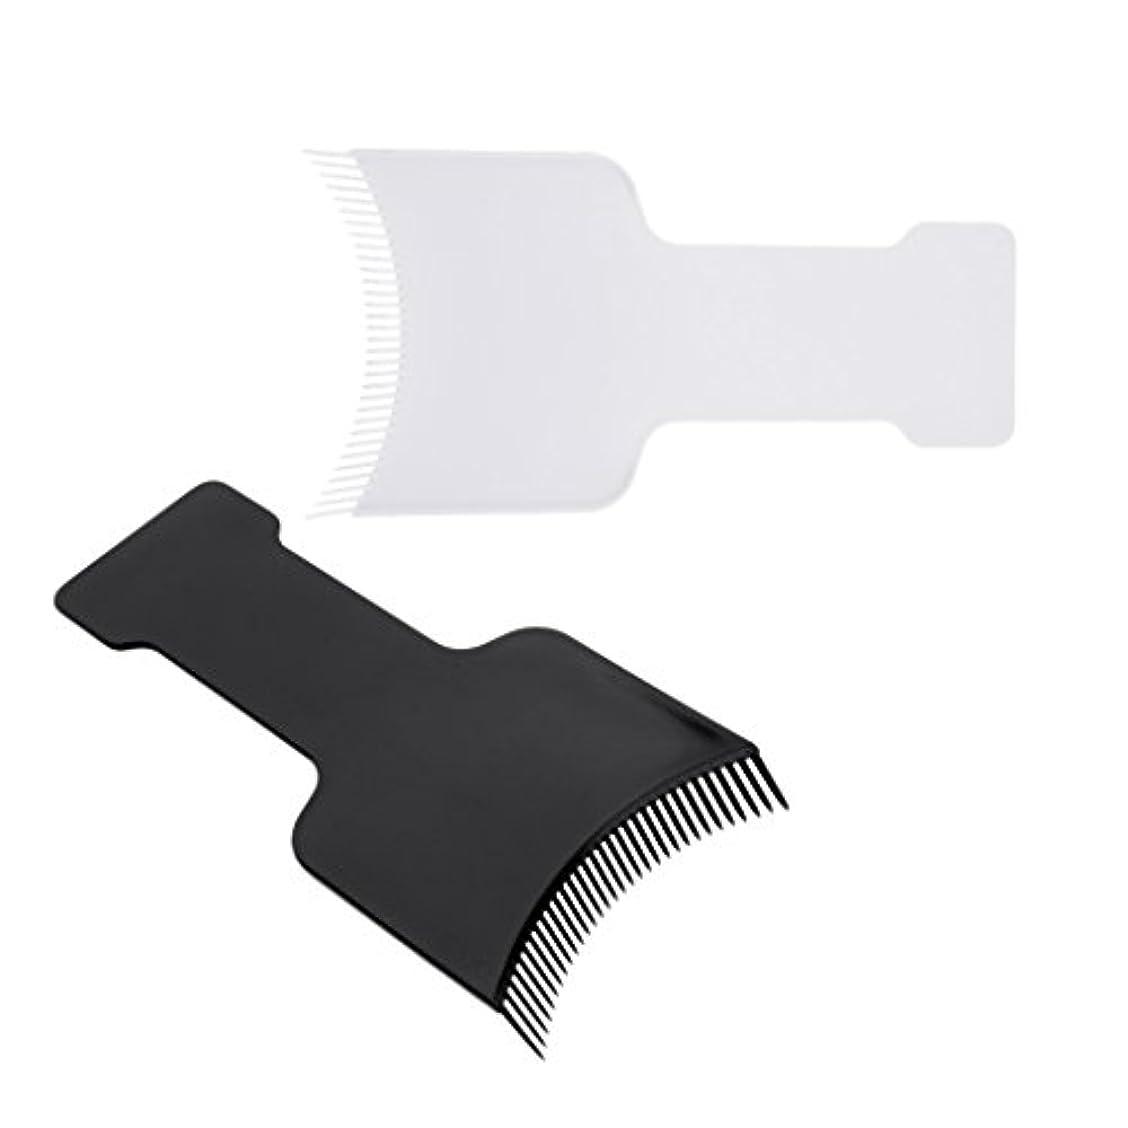 トライアスリートぎこちないディレクター2本サロンヘアカラーボードヘアカラーティント美容ヘアツール